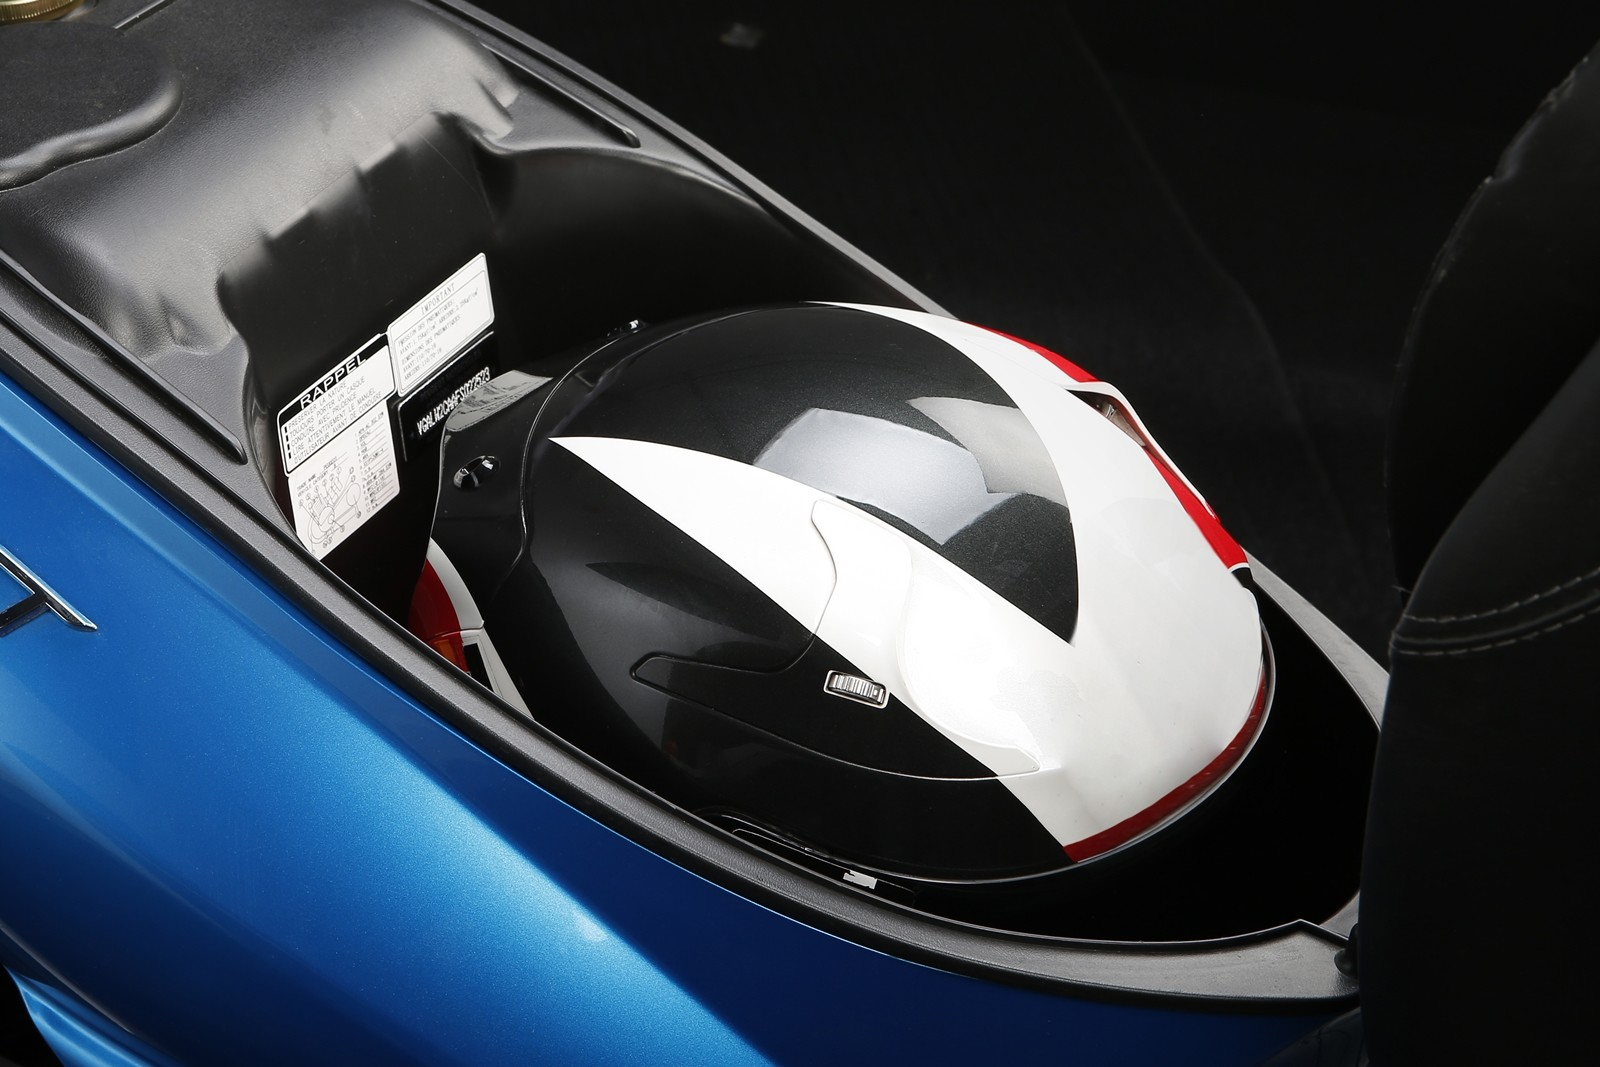 Foto de Peugeot Tweet 125i (2/4)